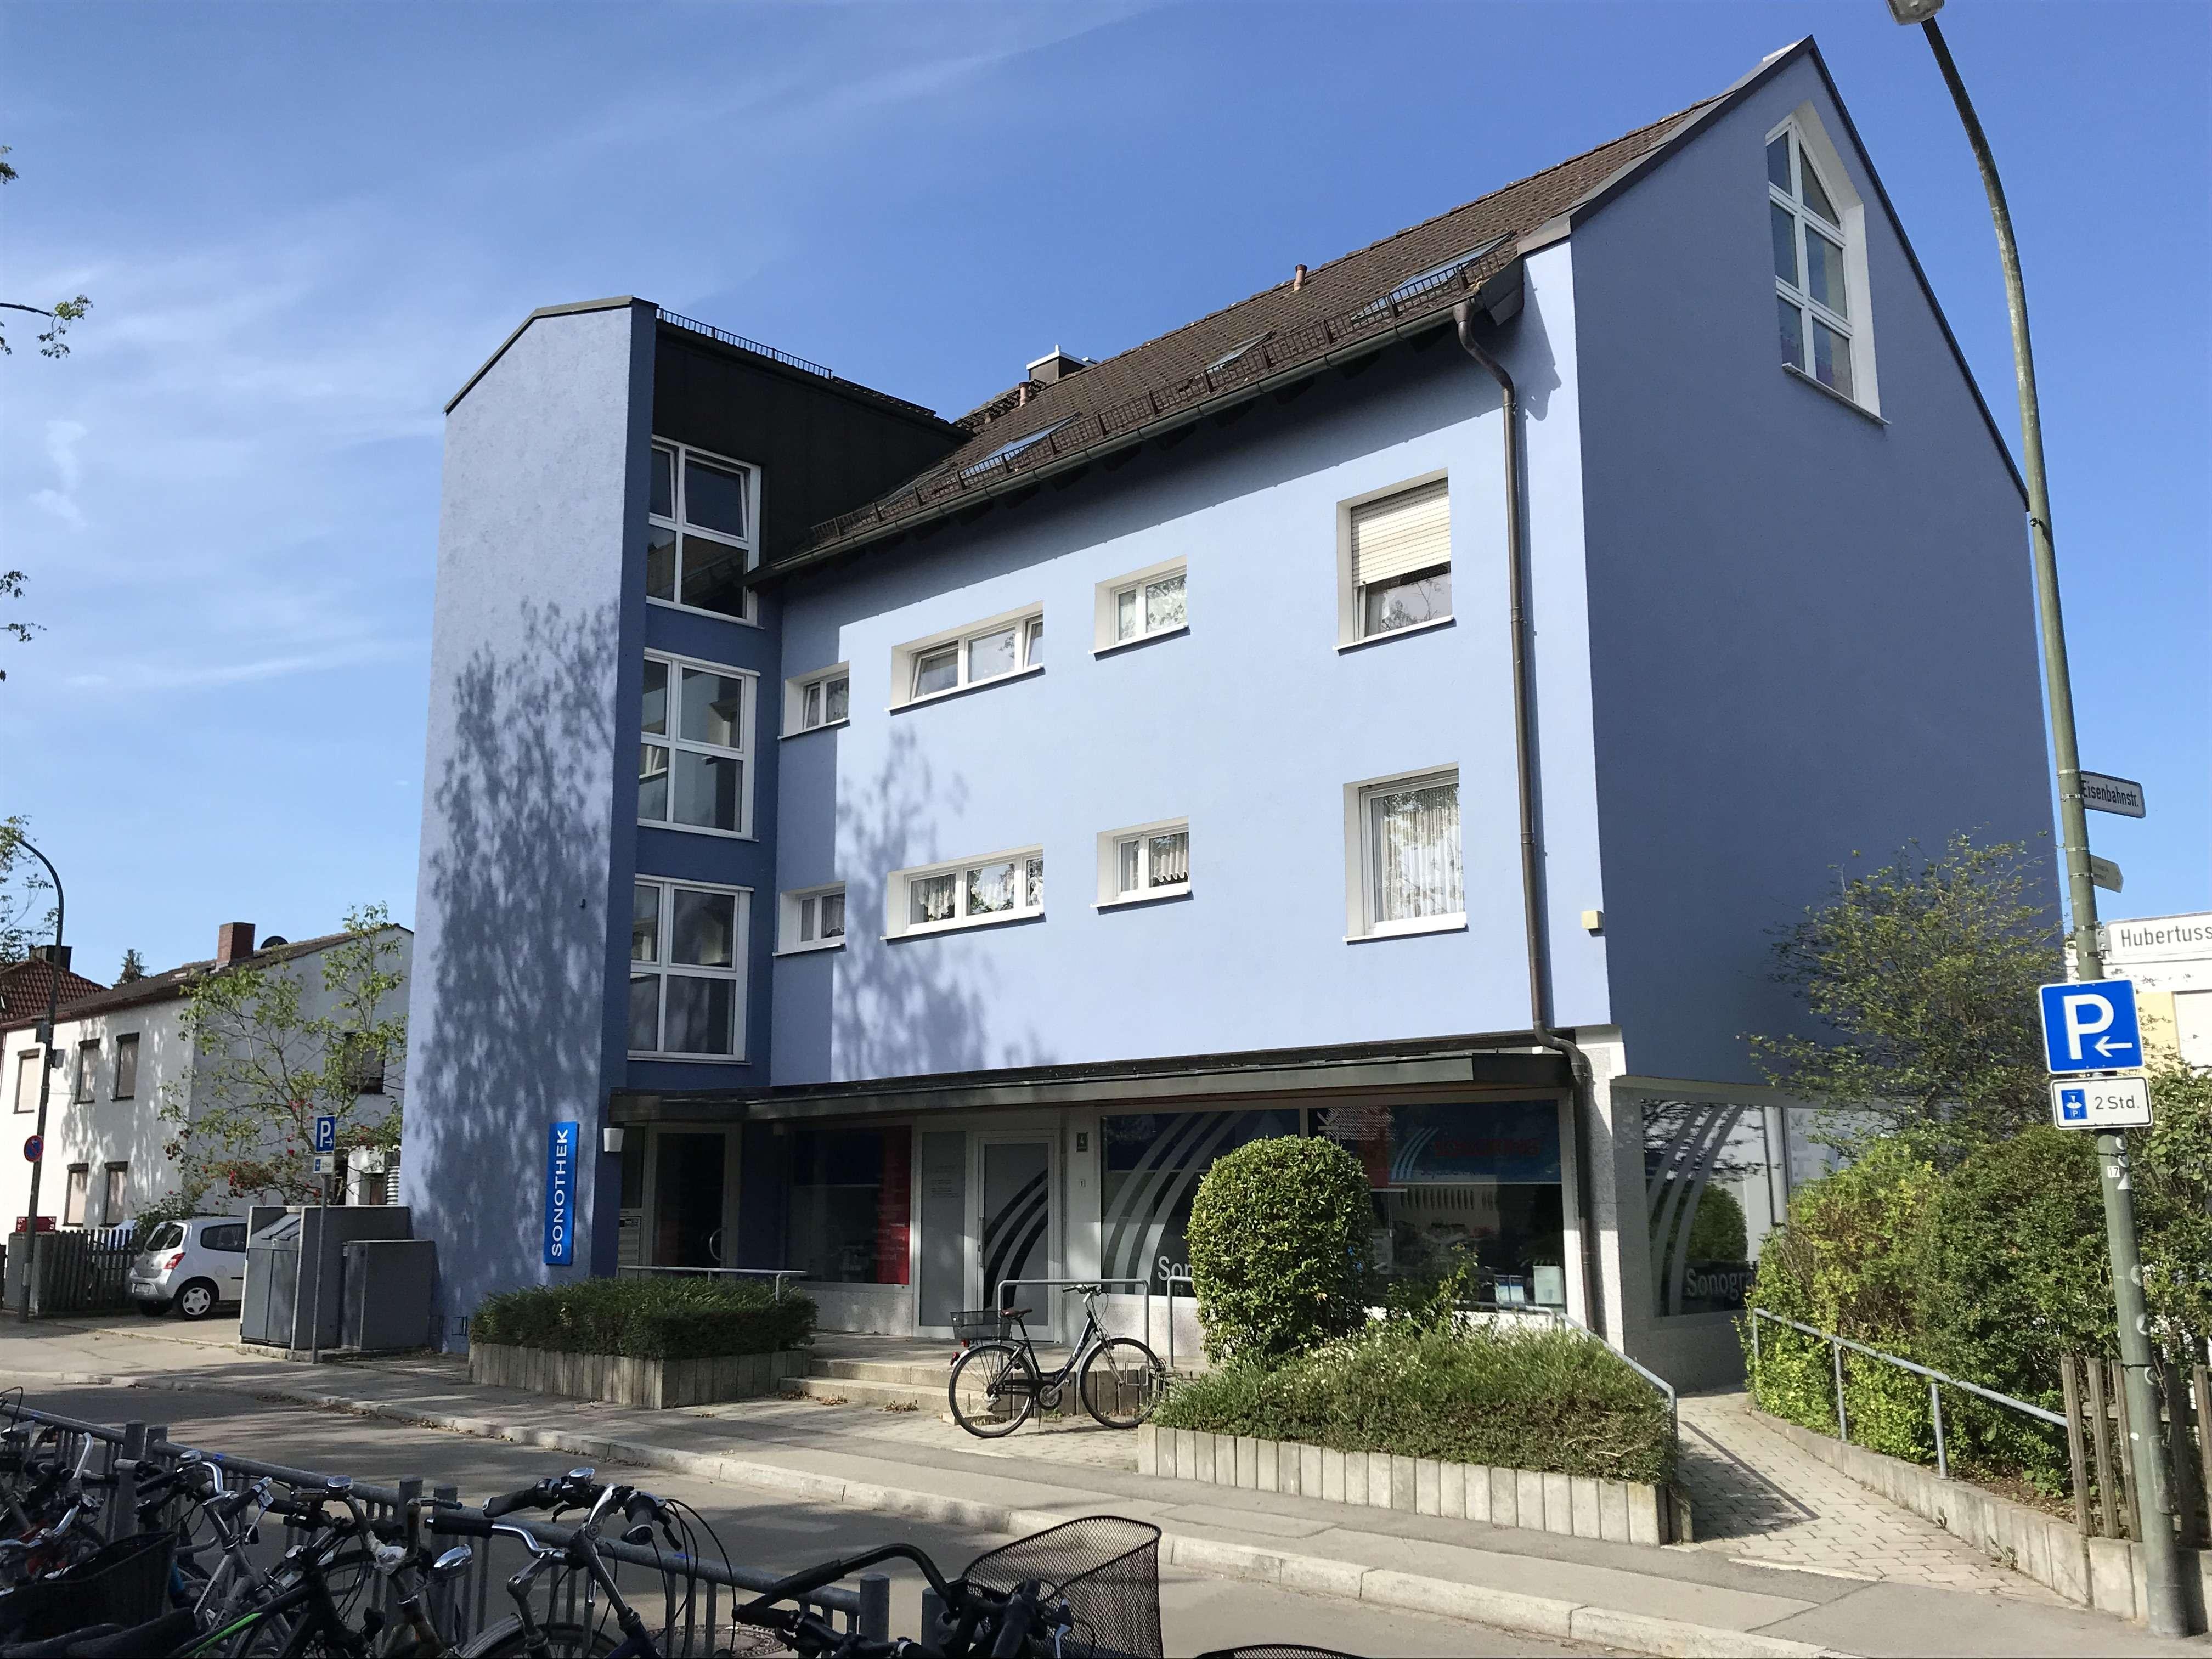 ****Gemütliches 1-Zimmer-Appartement**** in Germering-Harthaus